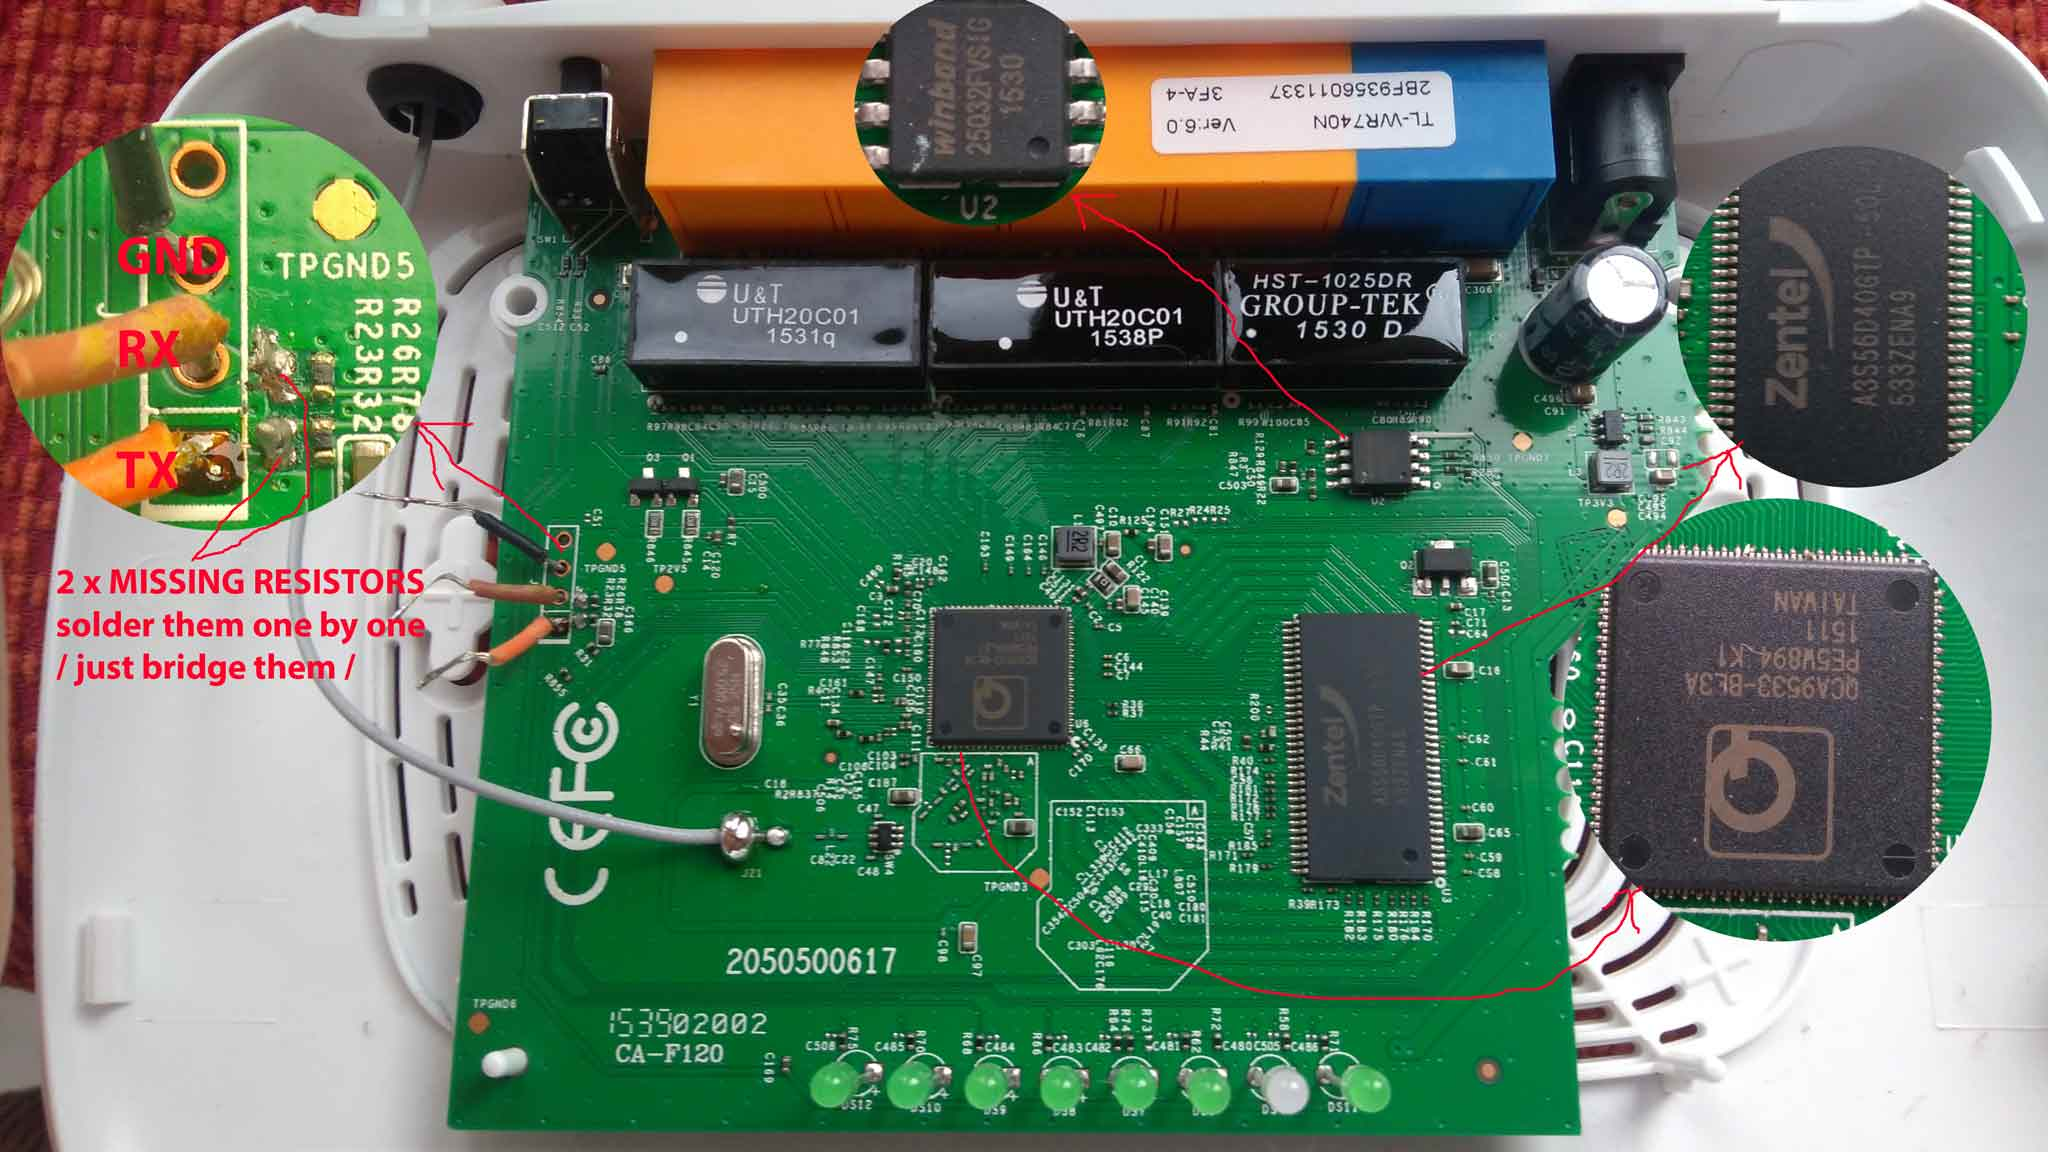 TP-LINK TL-WR740N V6 ROUTER 64BIT DRIVER